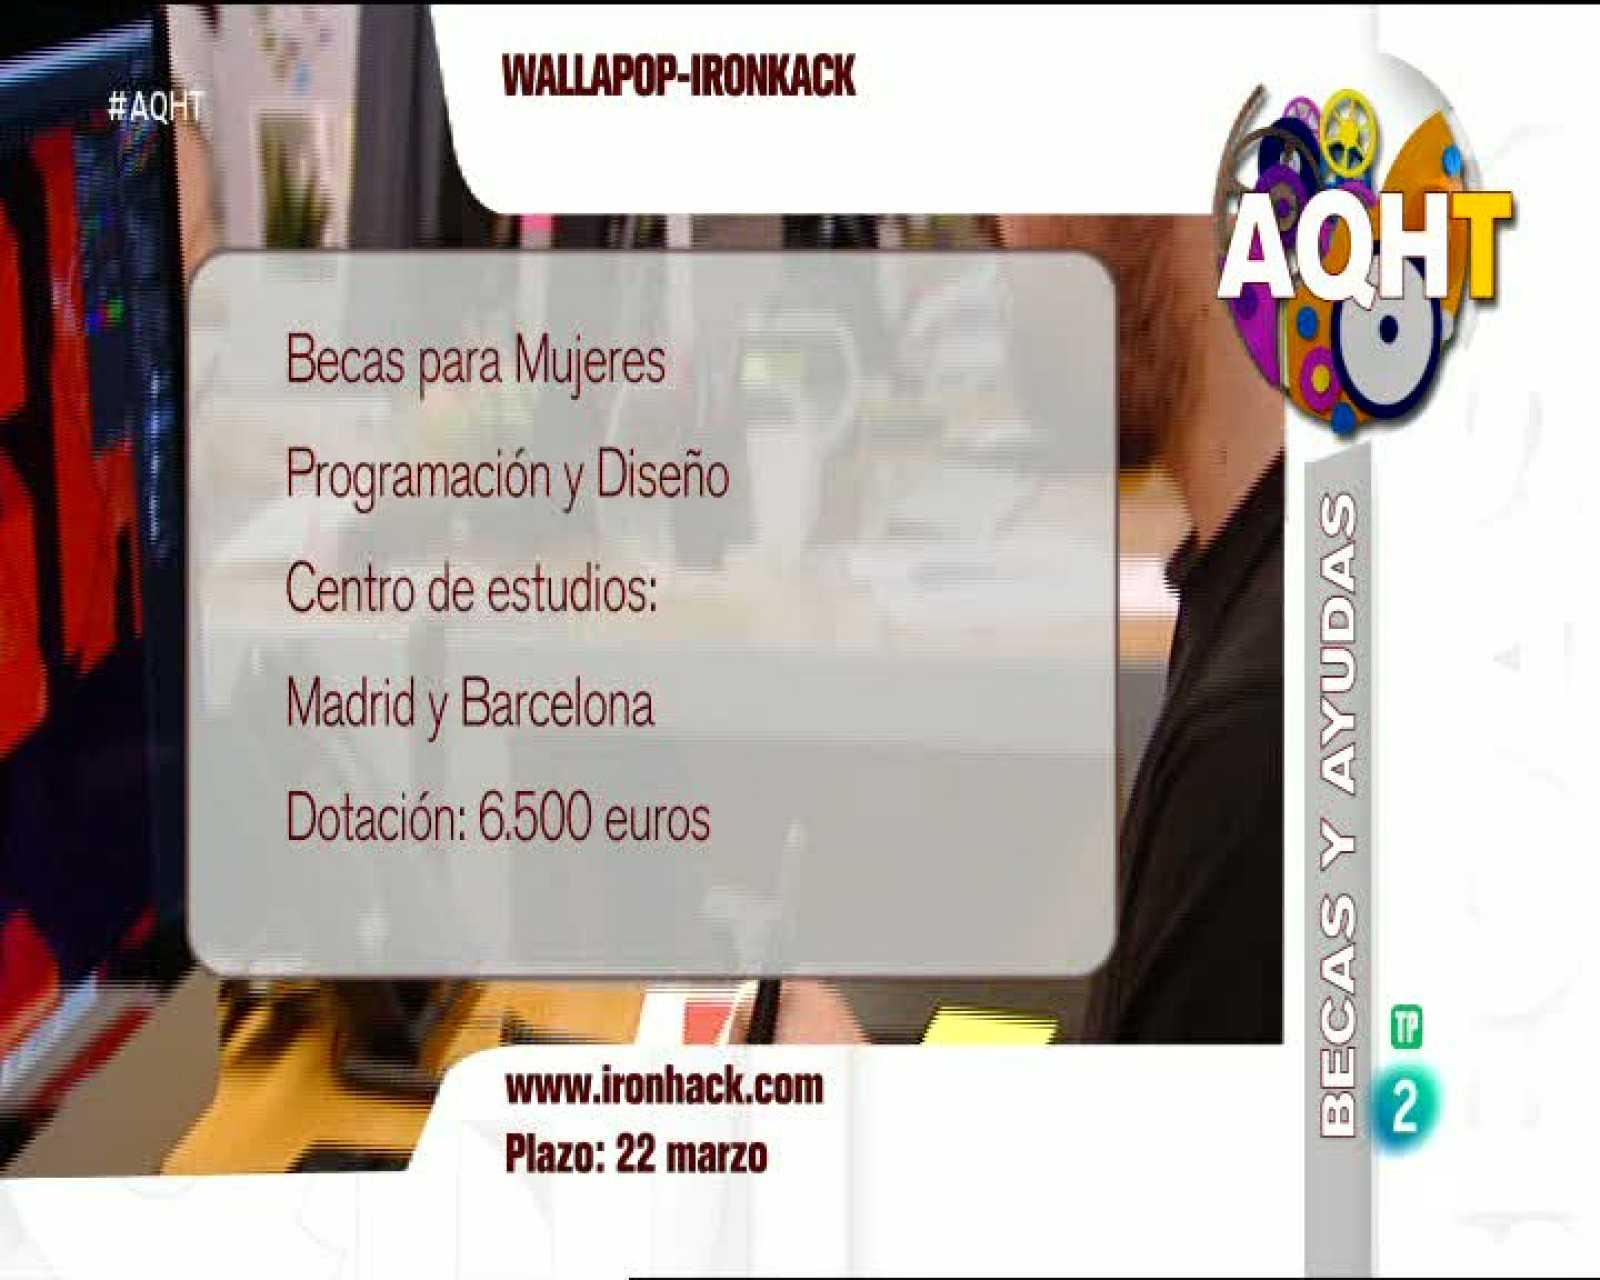 3 becas para estudiar y mejorar el currículum - RTVE.es